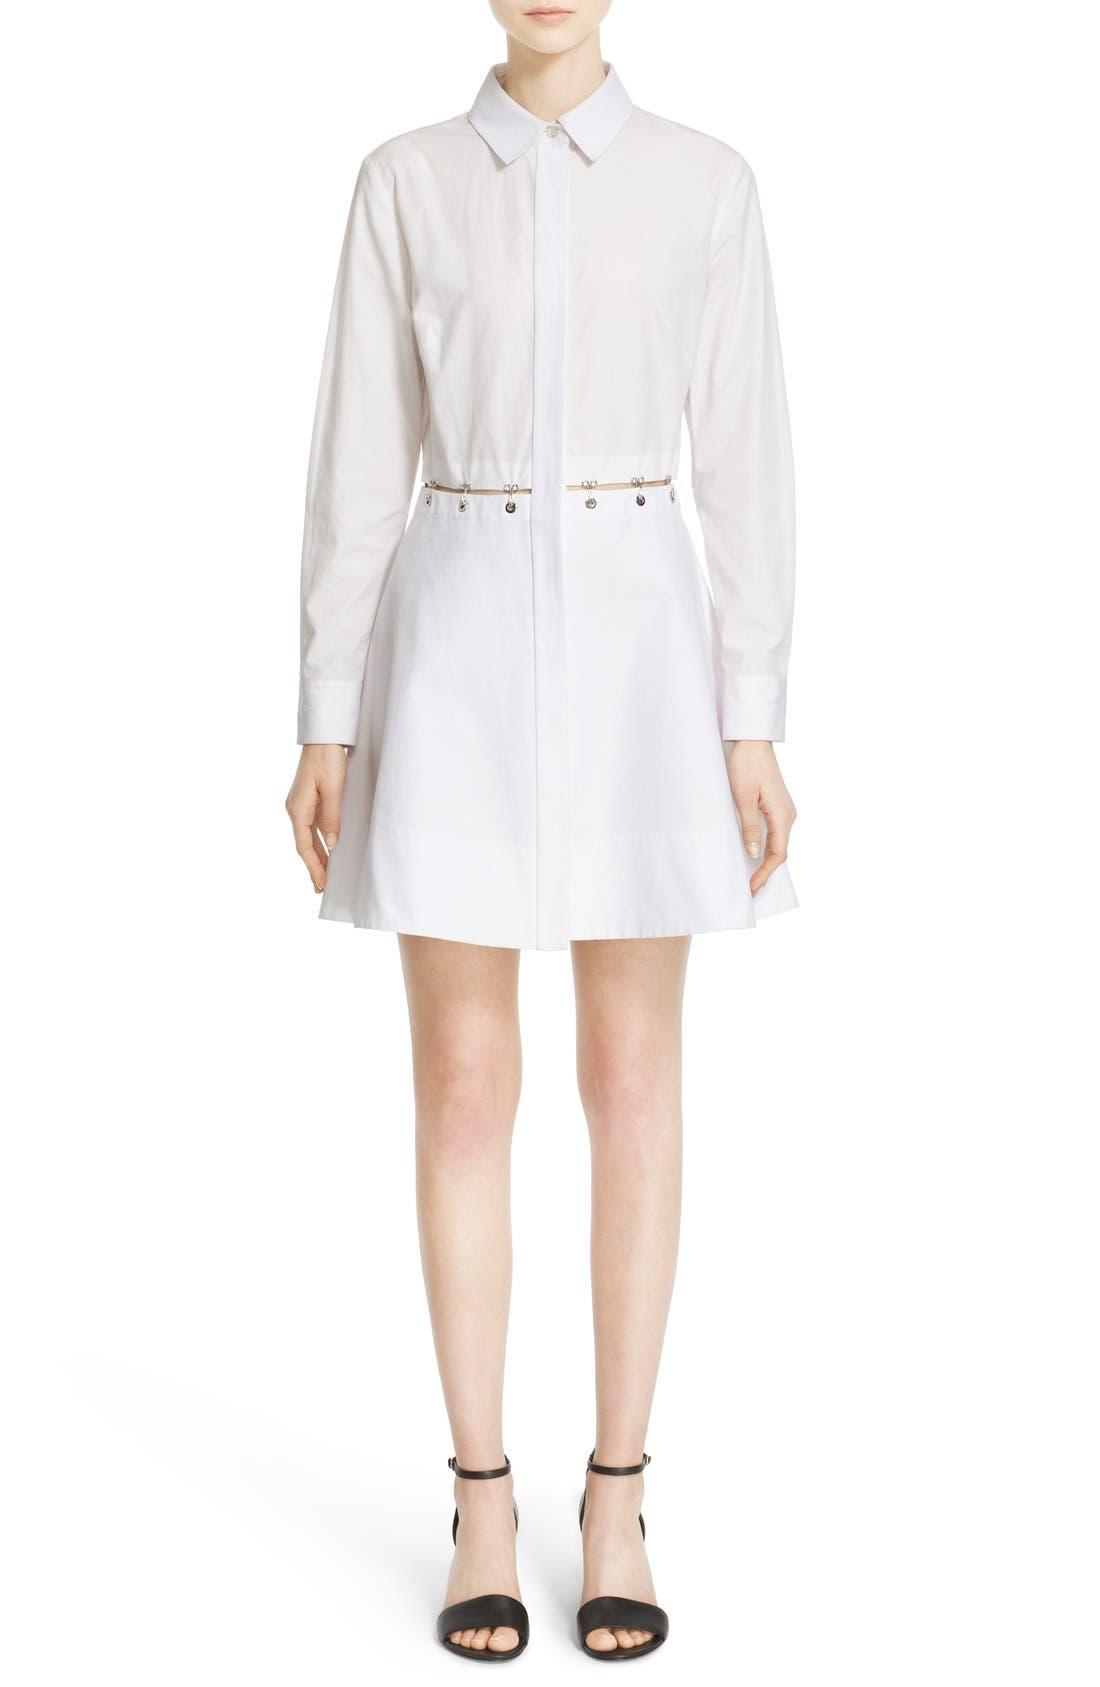 Alternate Image 1 Selected - Alexander Wang Hook & Grommet Detail Cotton Poplin Shirtdress